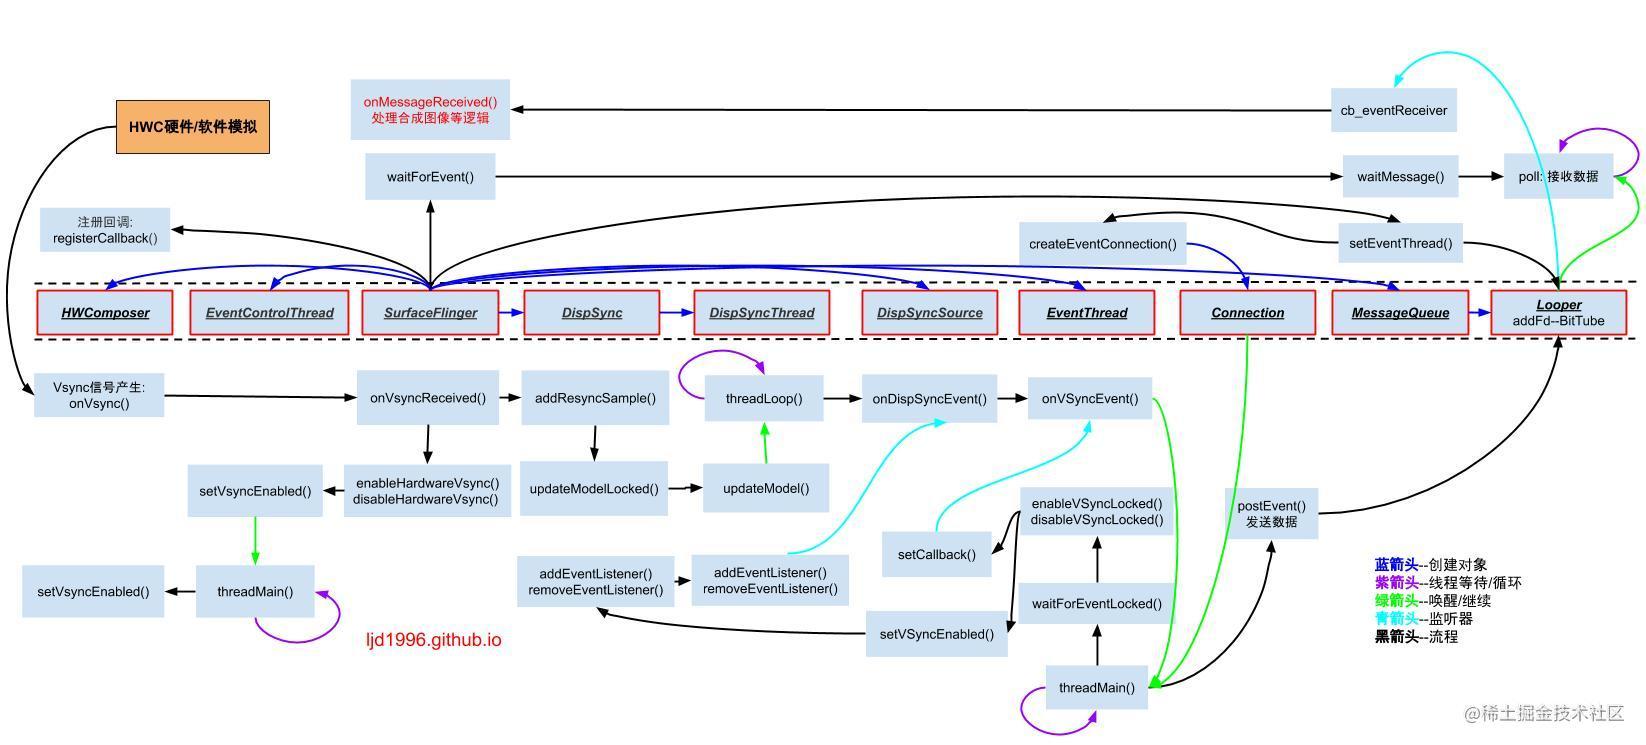 SurfaceFlinger工作流程